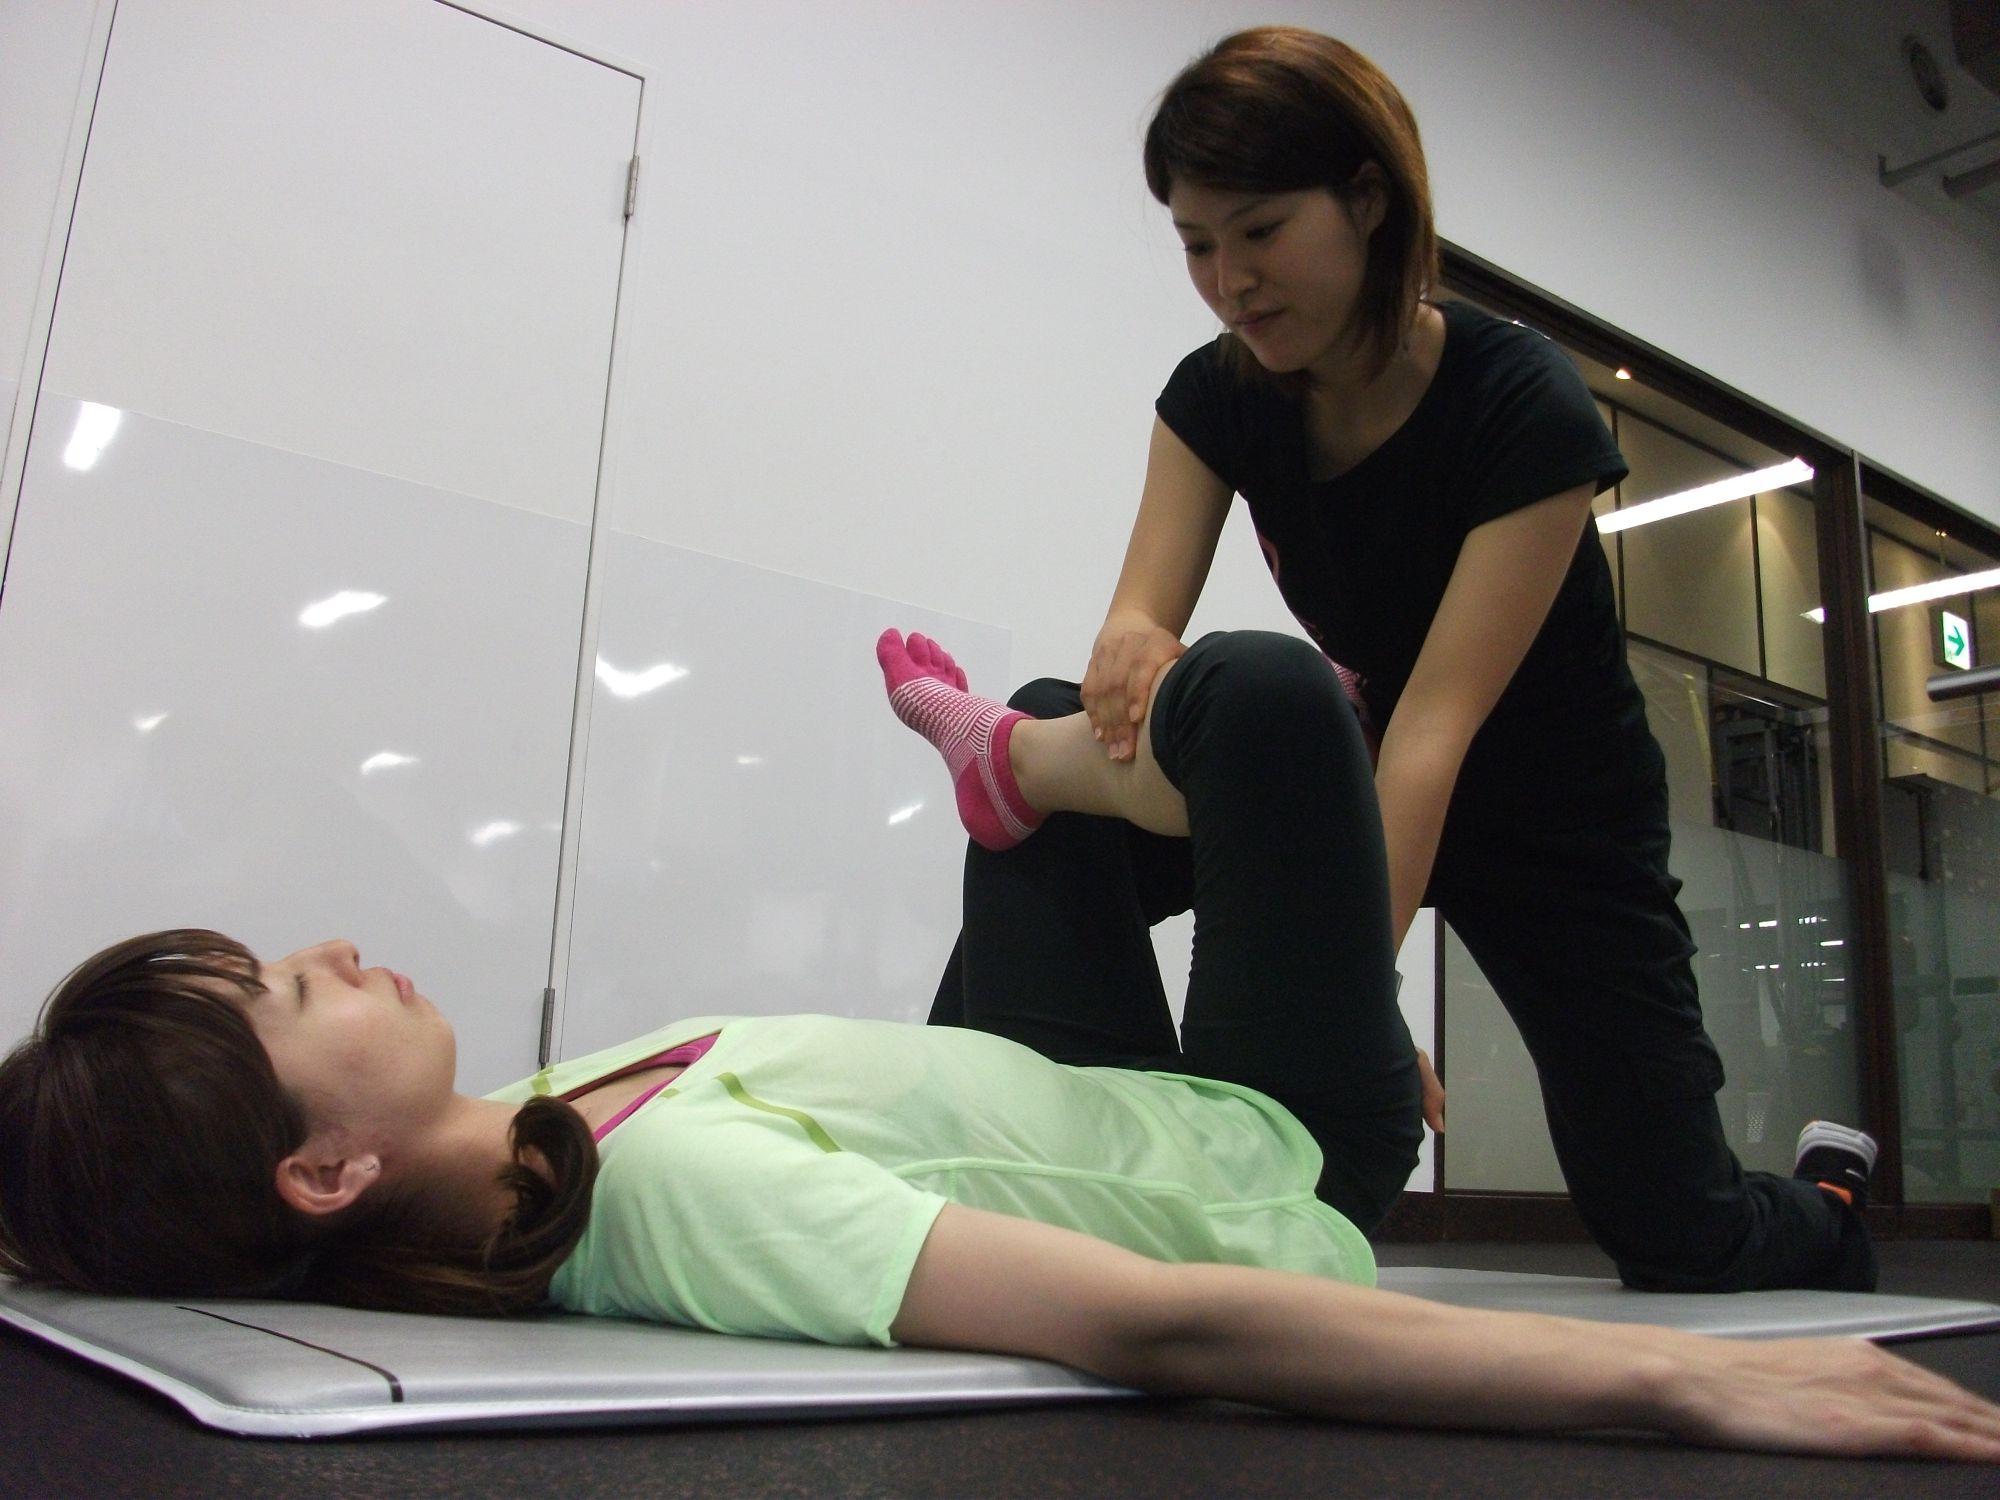 女性専用パーソナルトレーニングジム「ボディリペア青山」  女性専用ダイエットジムにパートナーストレッチ登場! ストレッチで始める春のカラダ動かし習慣